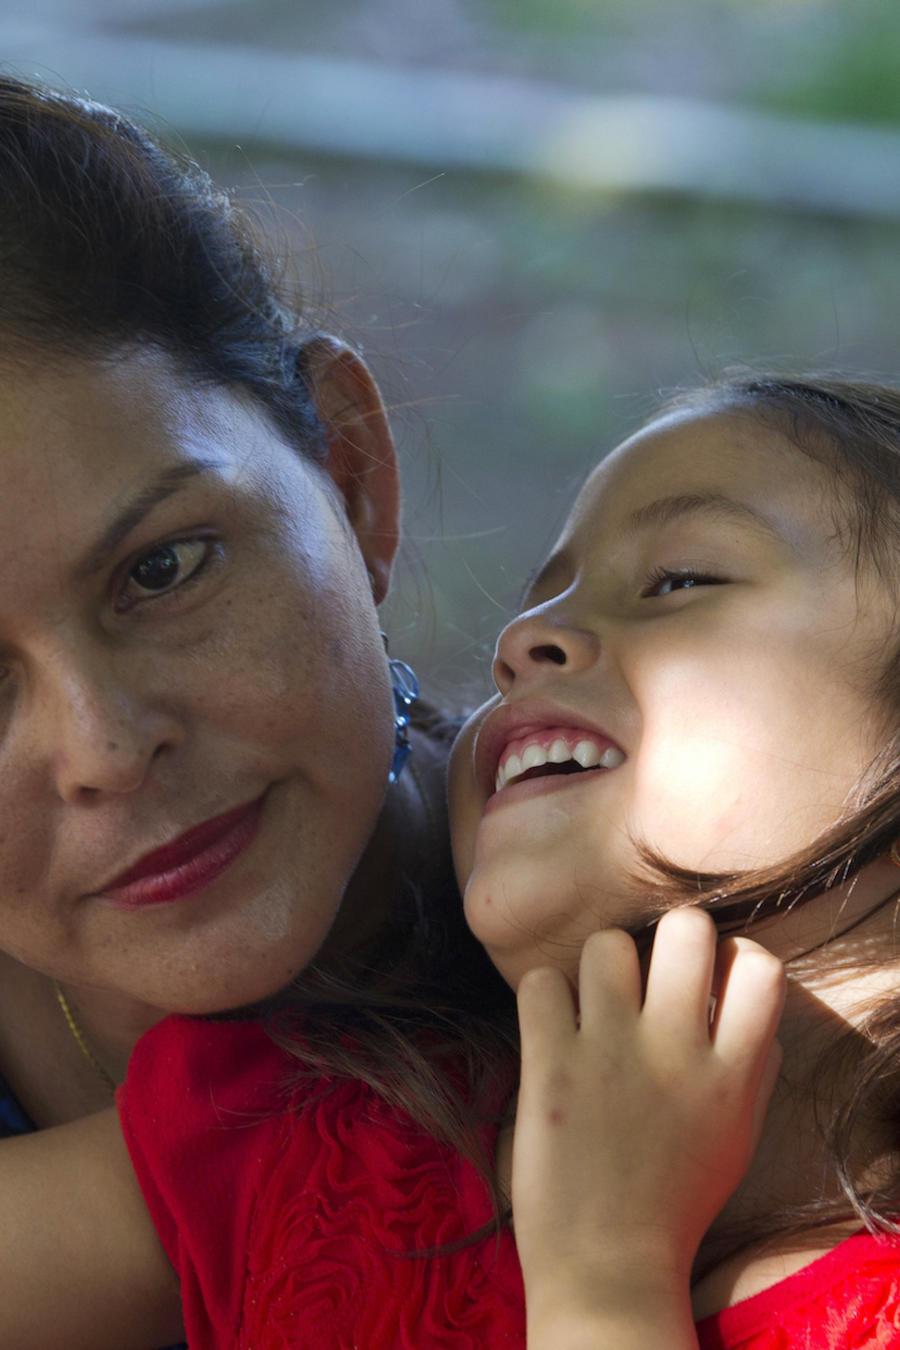 Araceli Ramos sostiene a Alexa en un parque de El Salvador el 18 de agosto de 2018.